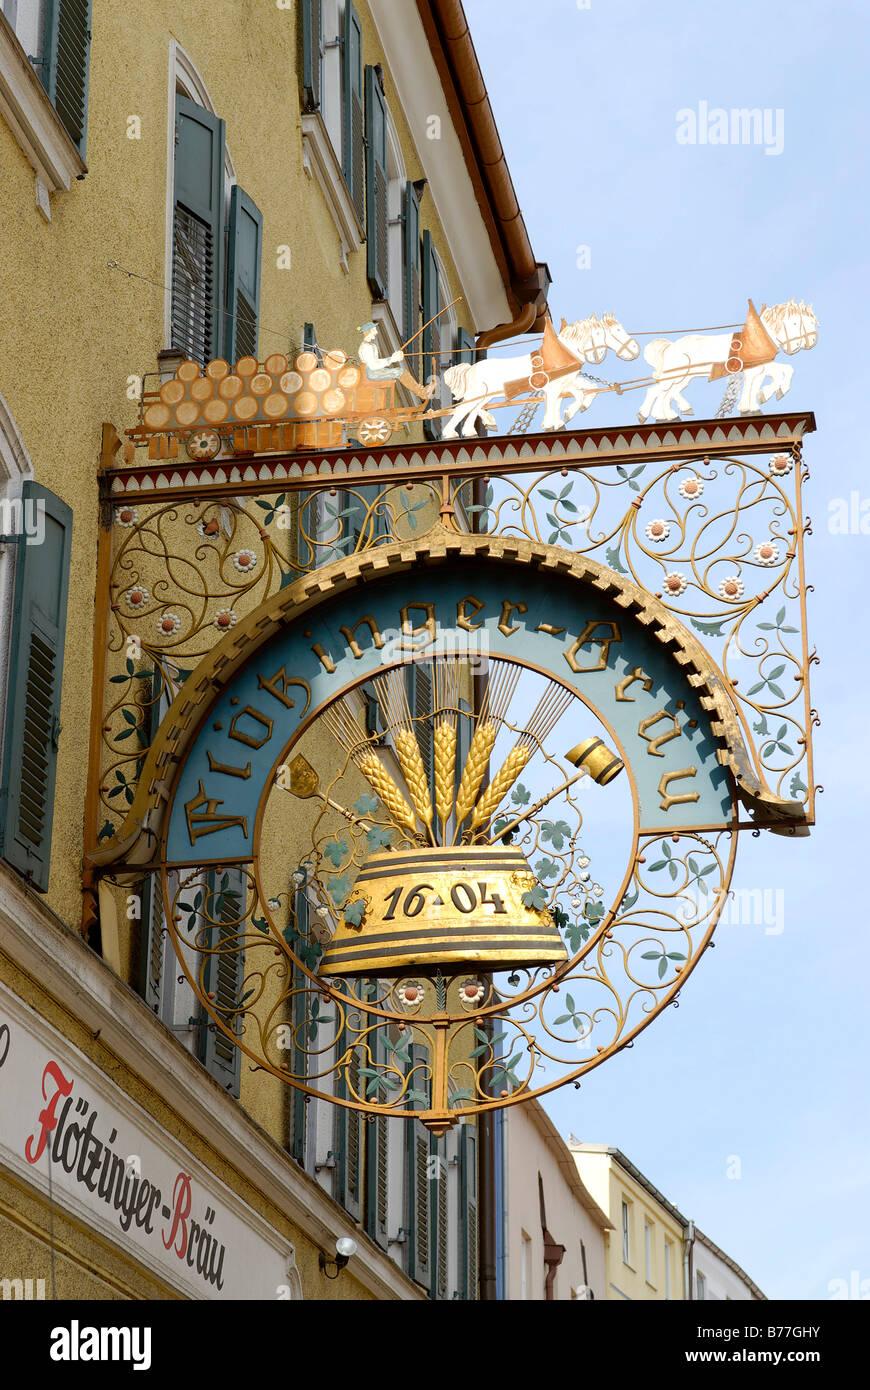 Stockhammer Restaurant sign, Kaiserstr., Rosenheim, Upper Bavaria, Germany, Europe - Stock Image